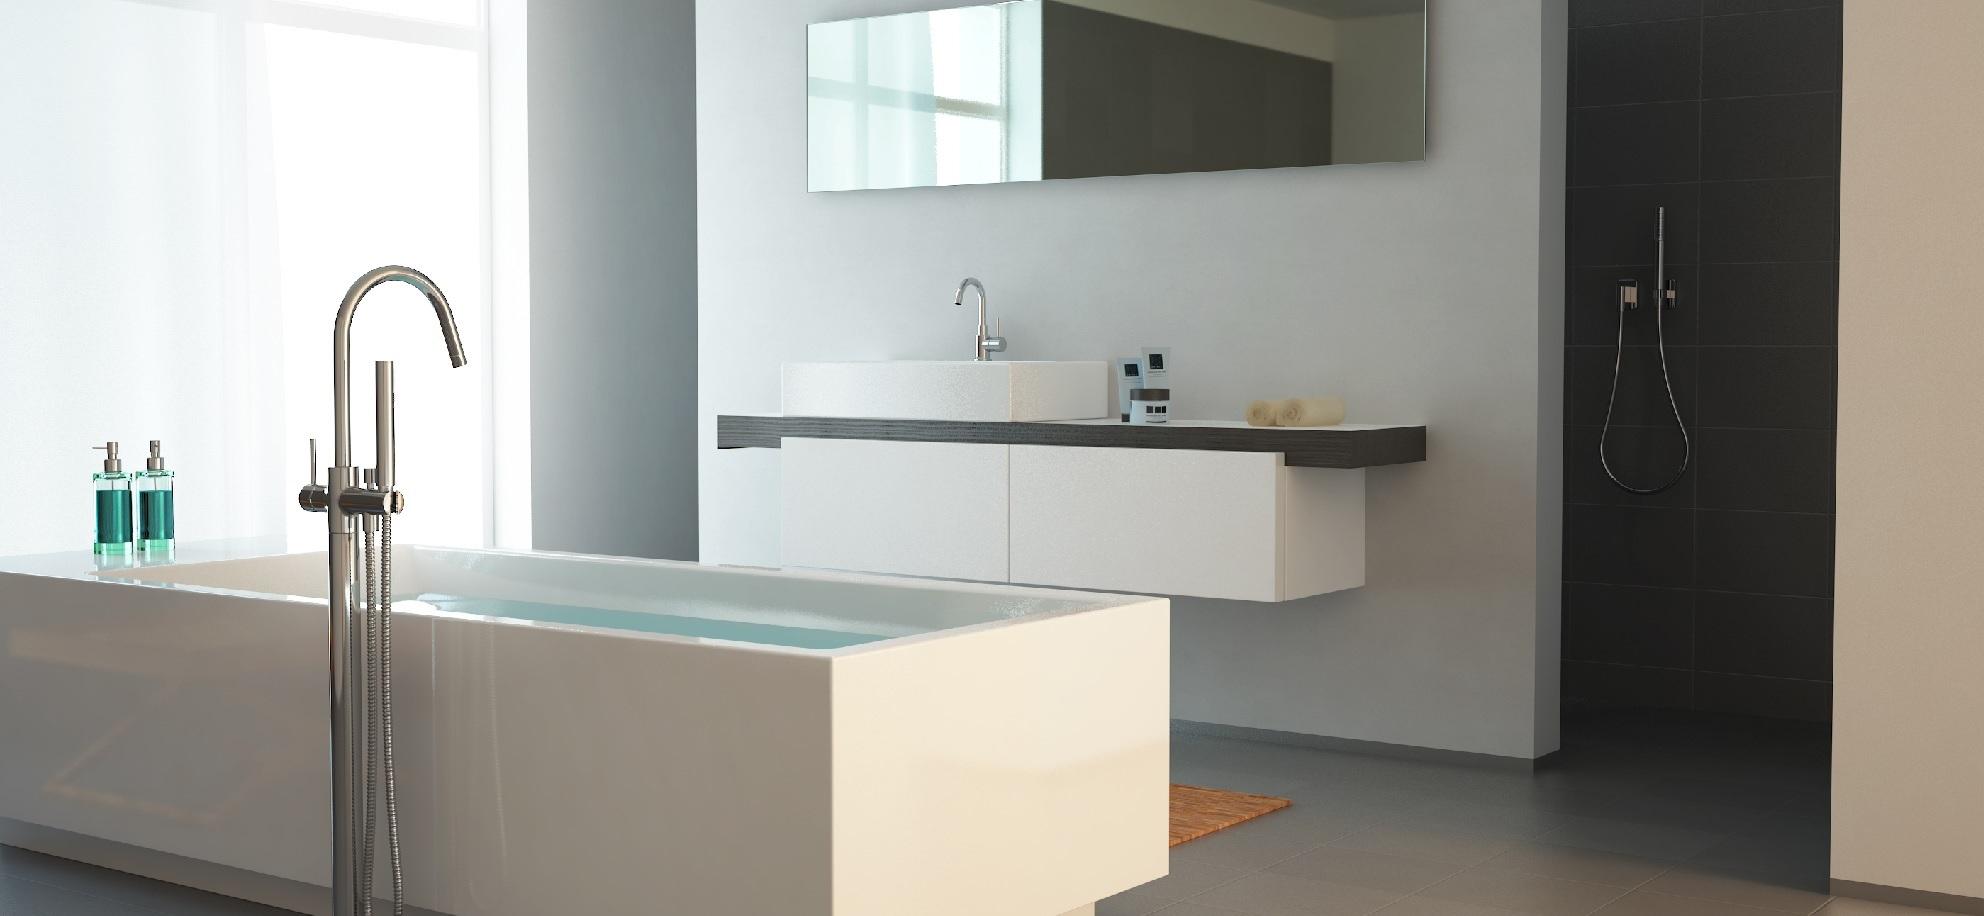 Deeltafels oefenen design badkamer design badkamerkast design badkuip design barkruk design - Badkamer desing ...